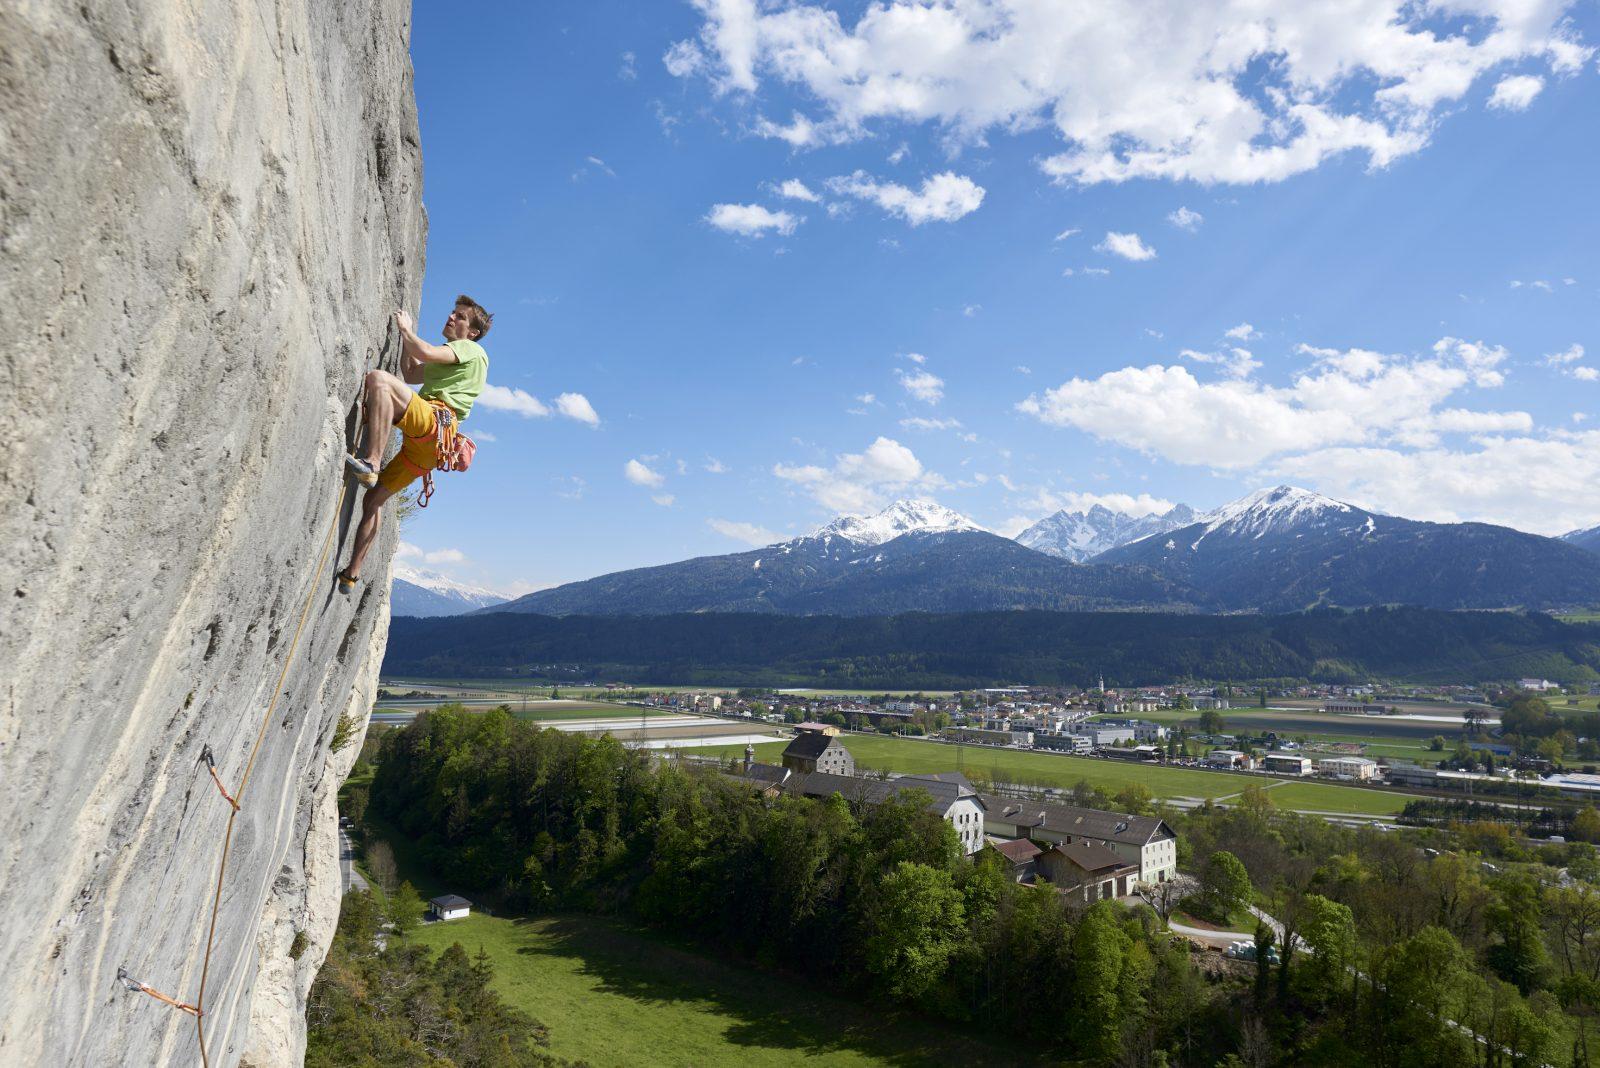 Klettergarten Dschungelbuch, Martinswand. Foto: Michael Meisl